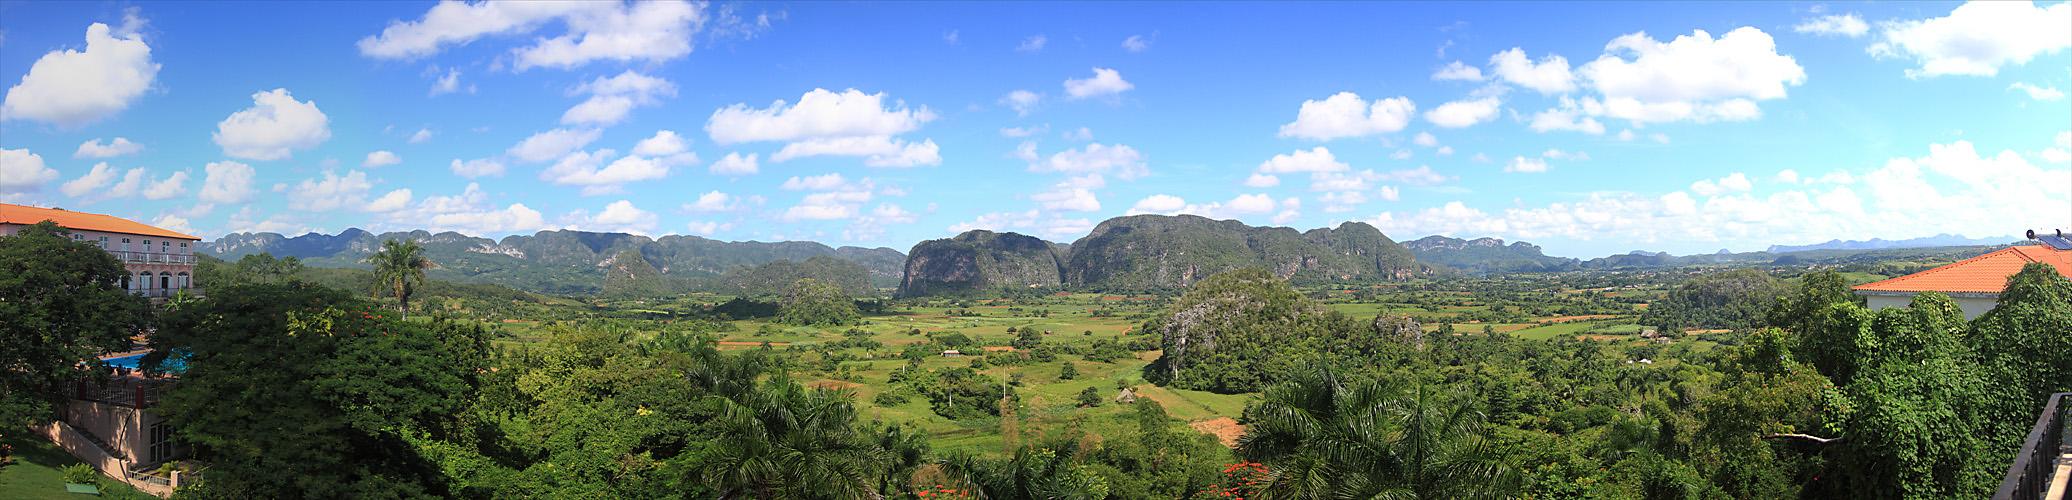 Pinar del Rio - Valle de Viñales, Cuba